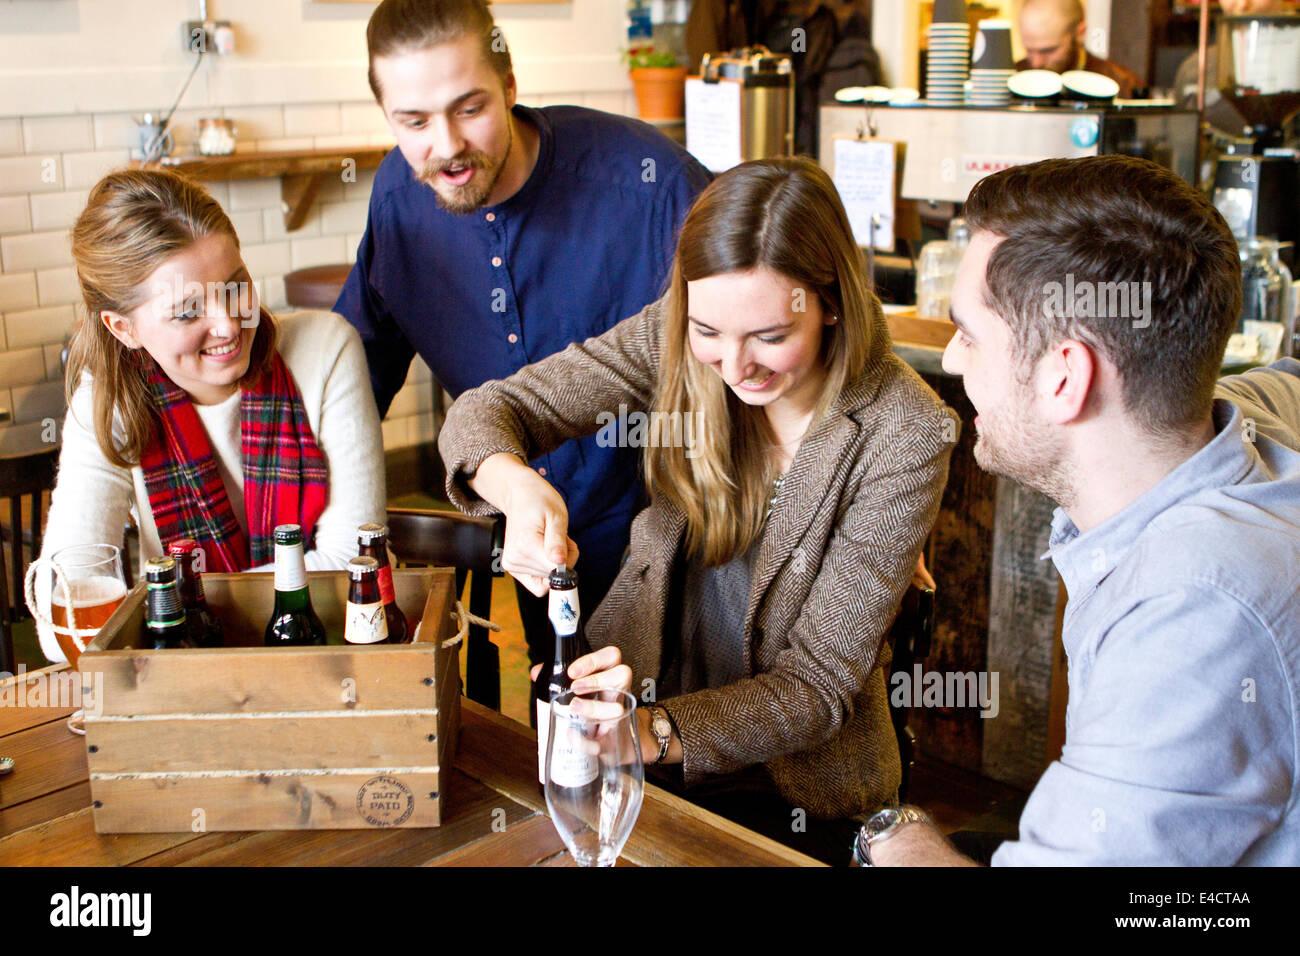 Jeune femme d'ouvrir une bouteille de bière, amis regardent, Dorset, Bournemouth, Angleterre Photo Stock